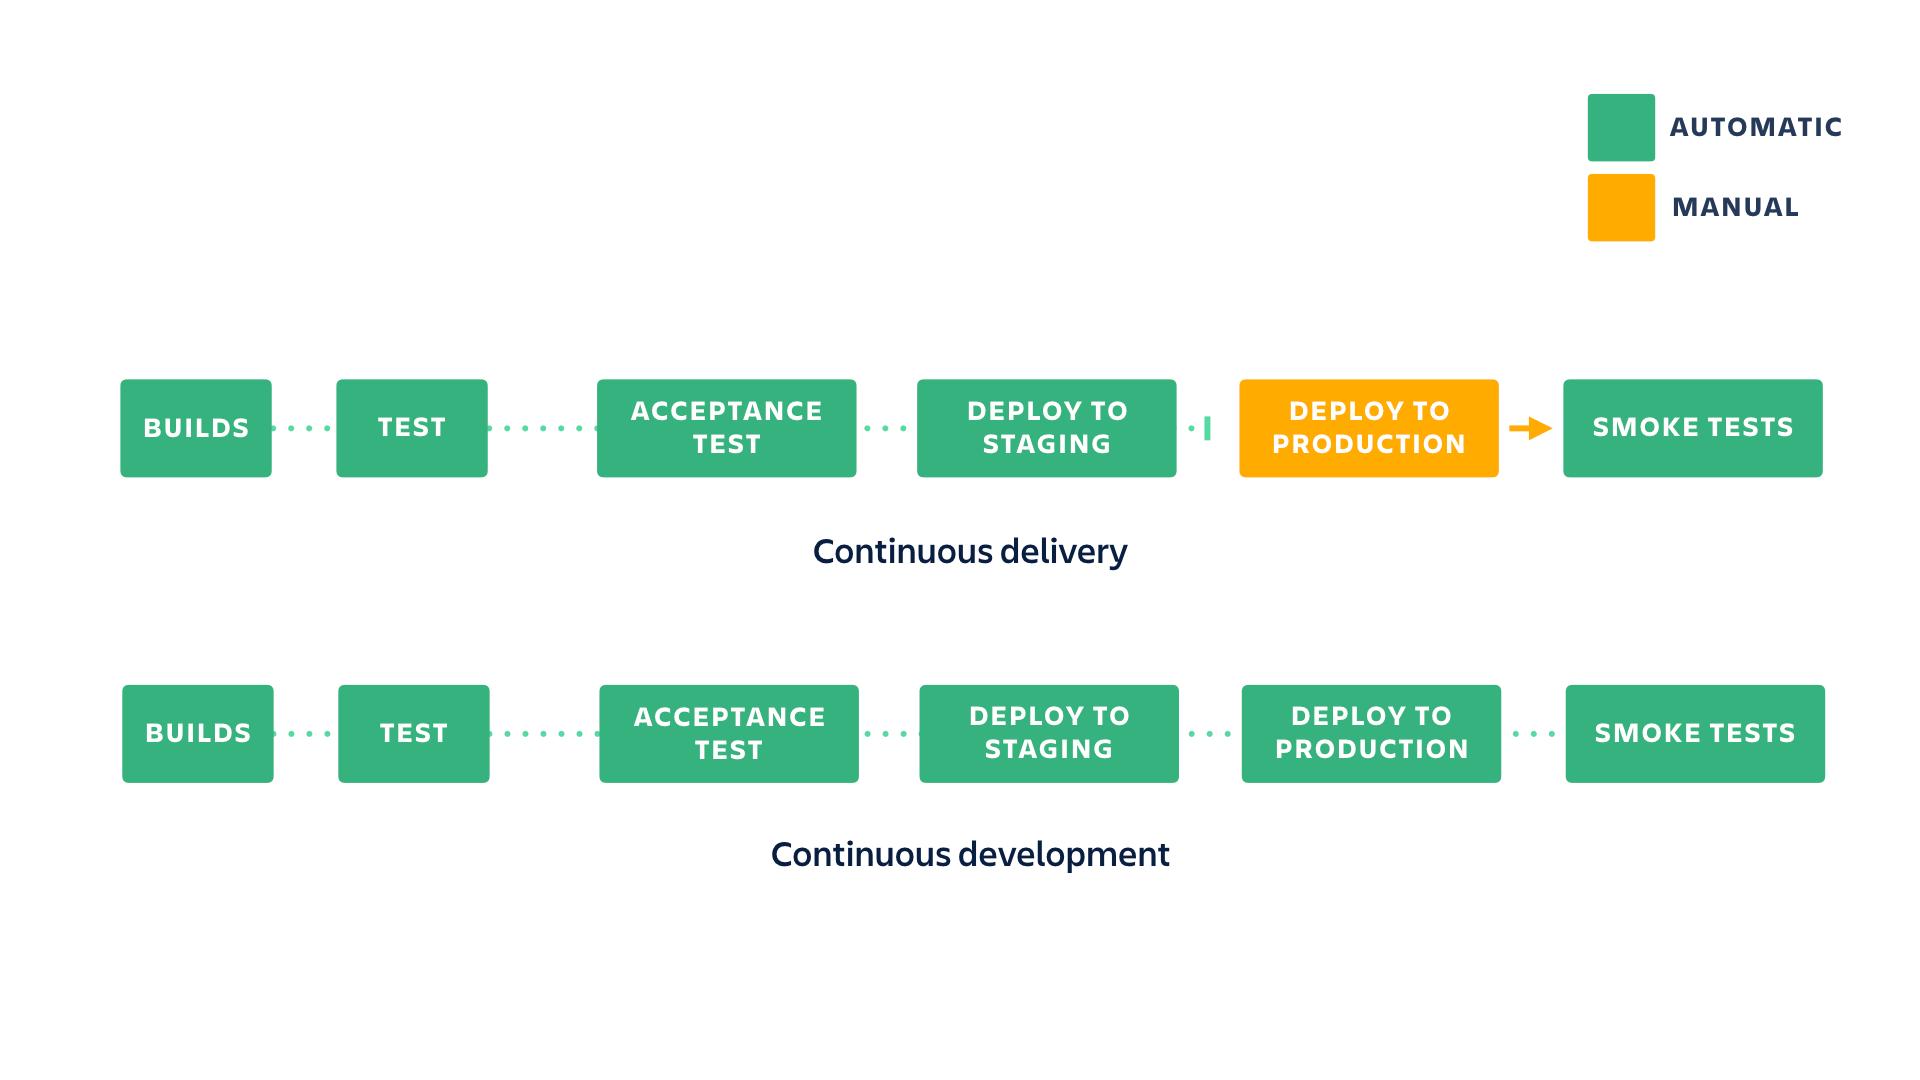 継続的なデプロイと継続的な開発の違いを示す図 | Atlassian CI/CD